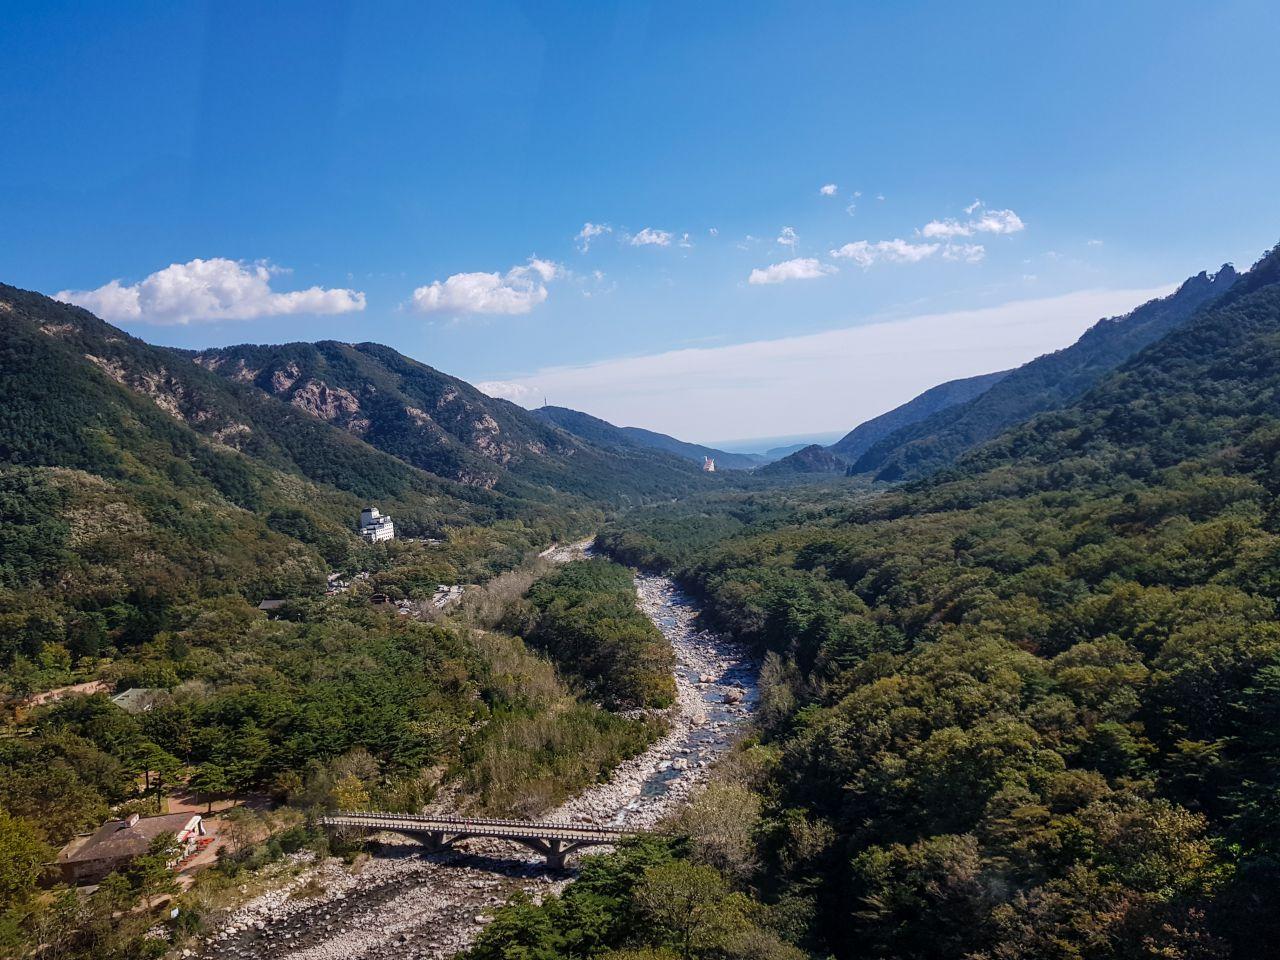 설악산 케이블카에서 바라본 속초 방향 풍경-110149